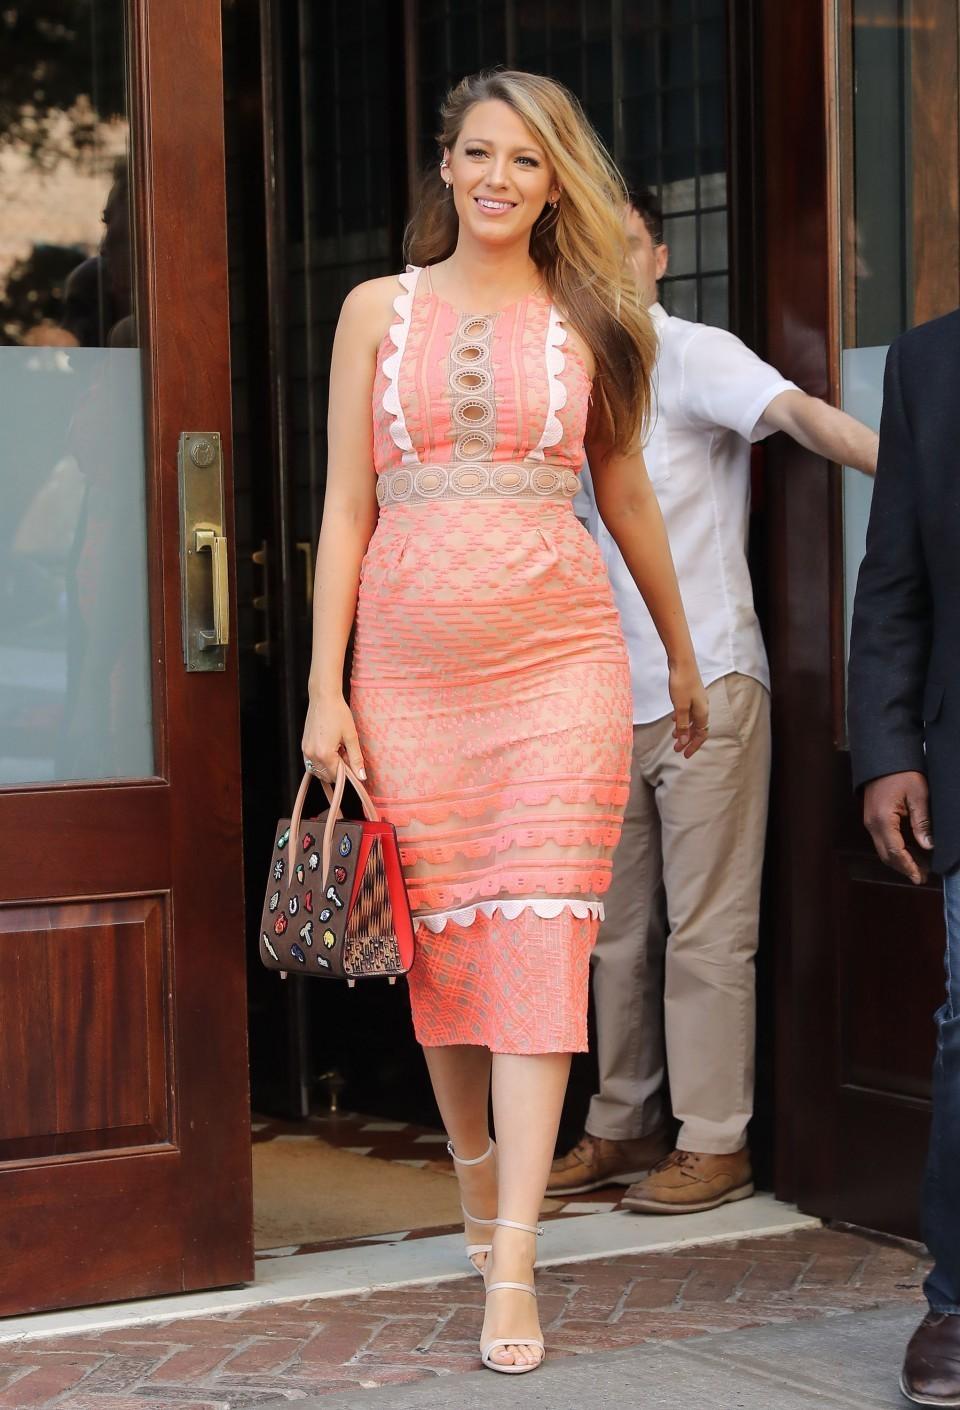 online retailer 20bd1 577a9 Look di Blake Lively: Vestito a tubino di pizzo arancione ...